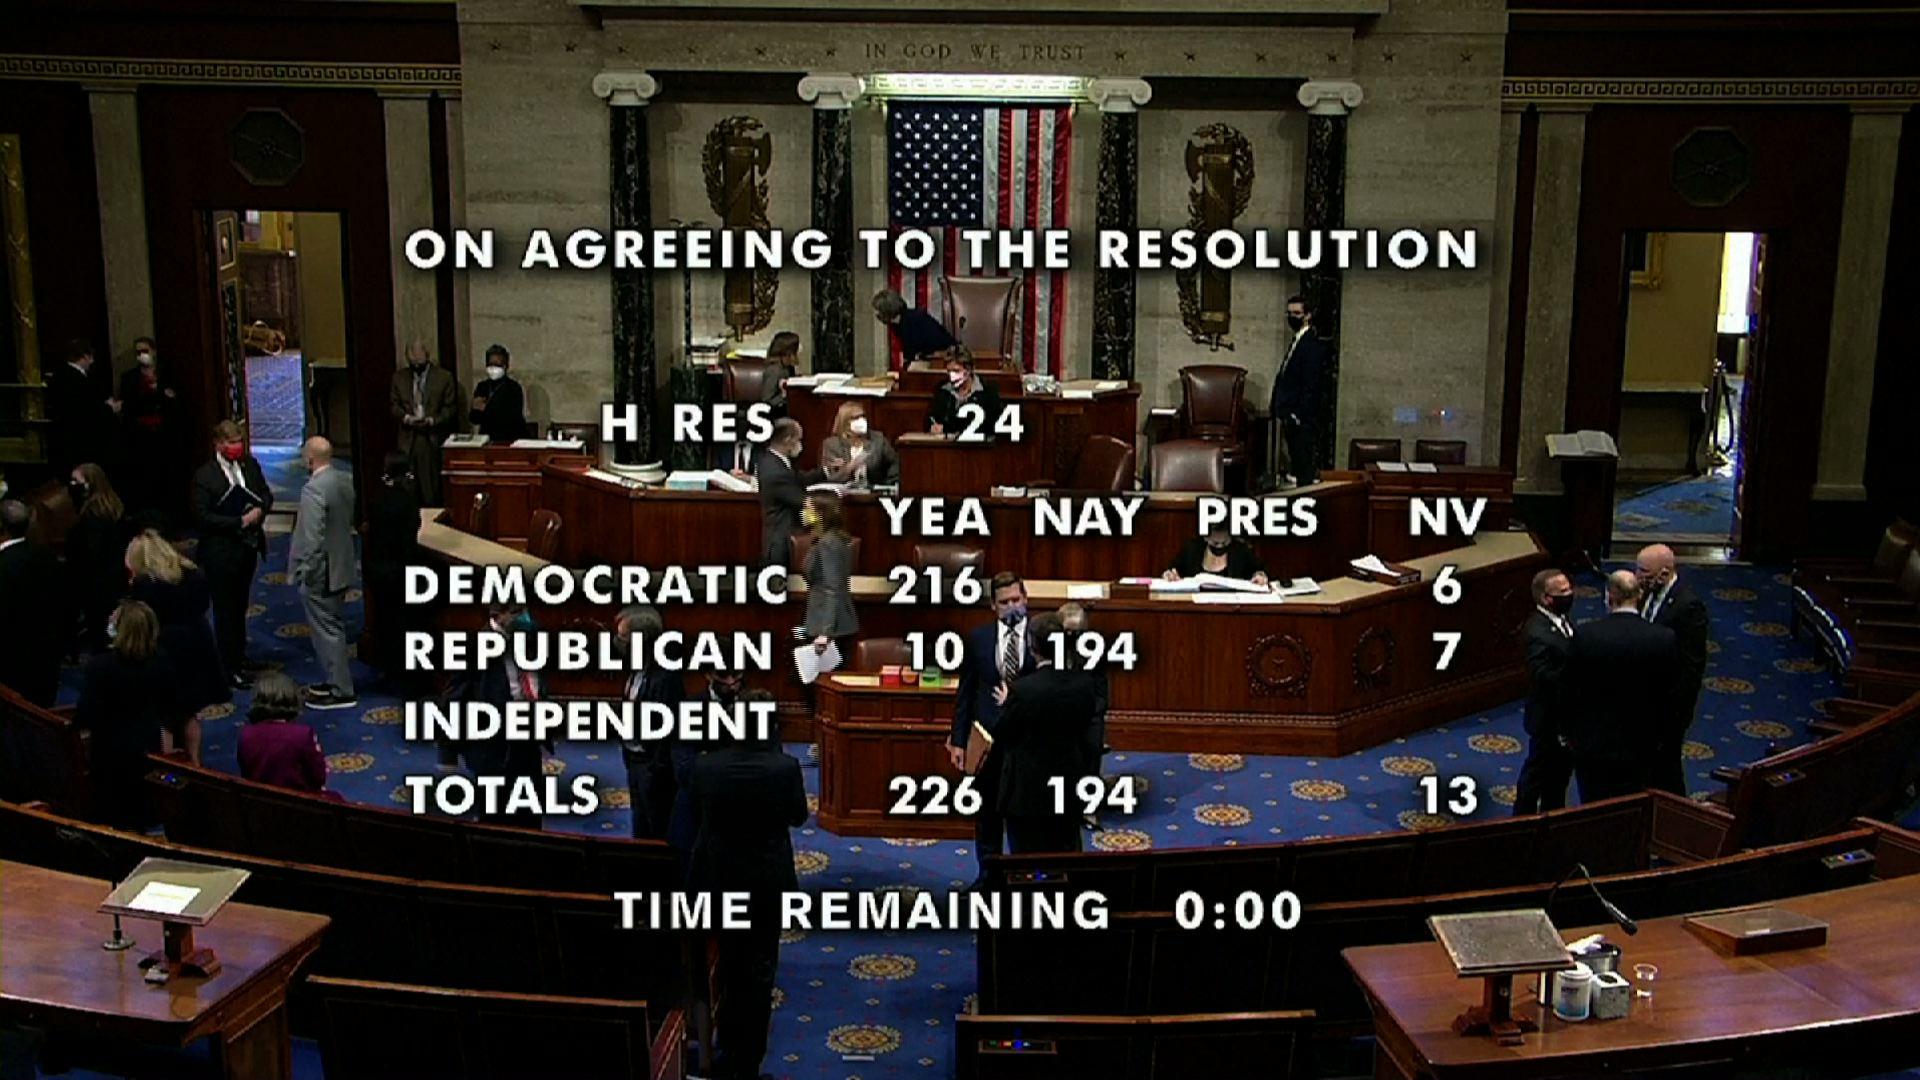 Hạ Viện Hoa Kỳ bỏ phiếu thông qua nghị quyết luận tội Tổng Thống Trump lần thứ hai